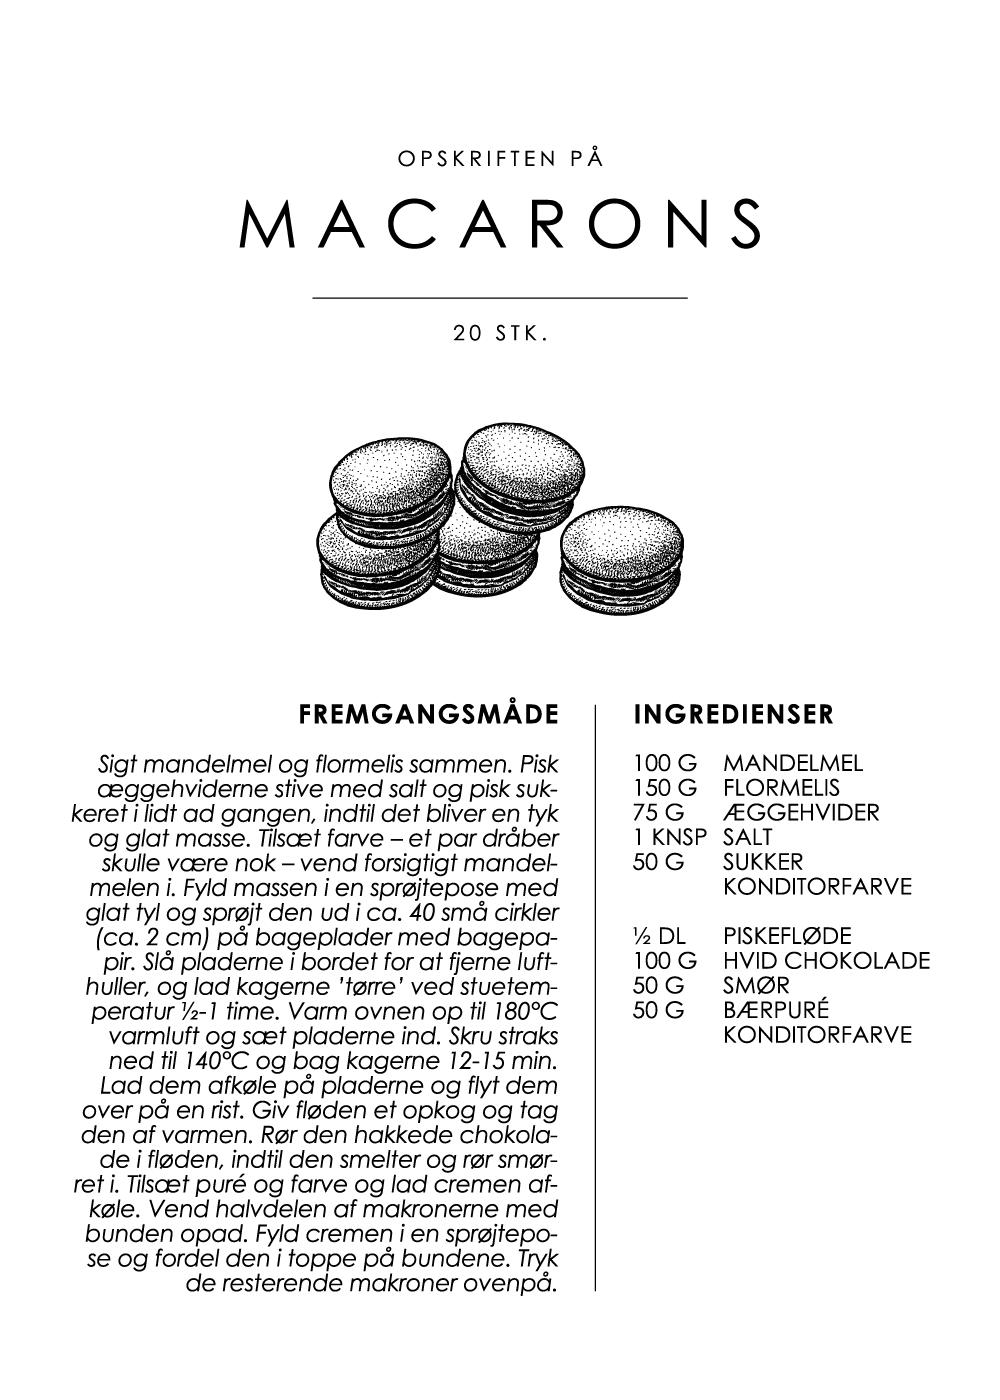 Billede af Macarons opskrift - Kage guide plakat